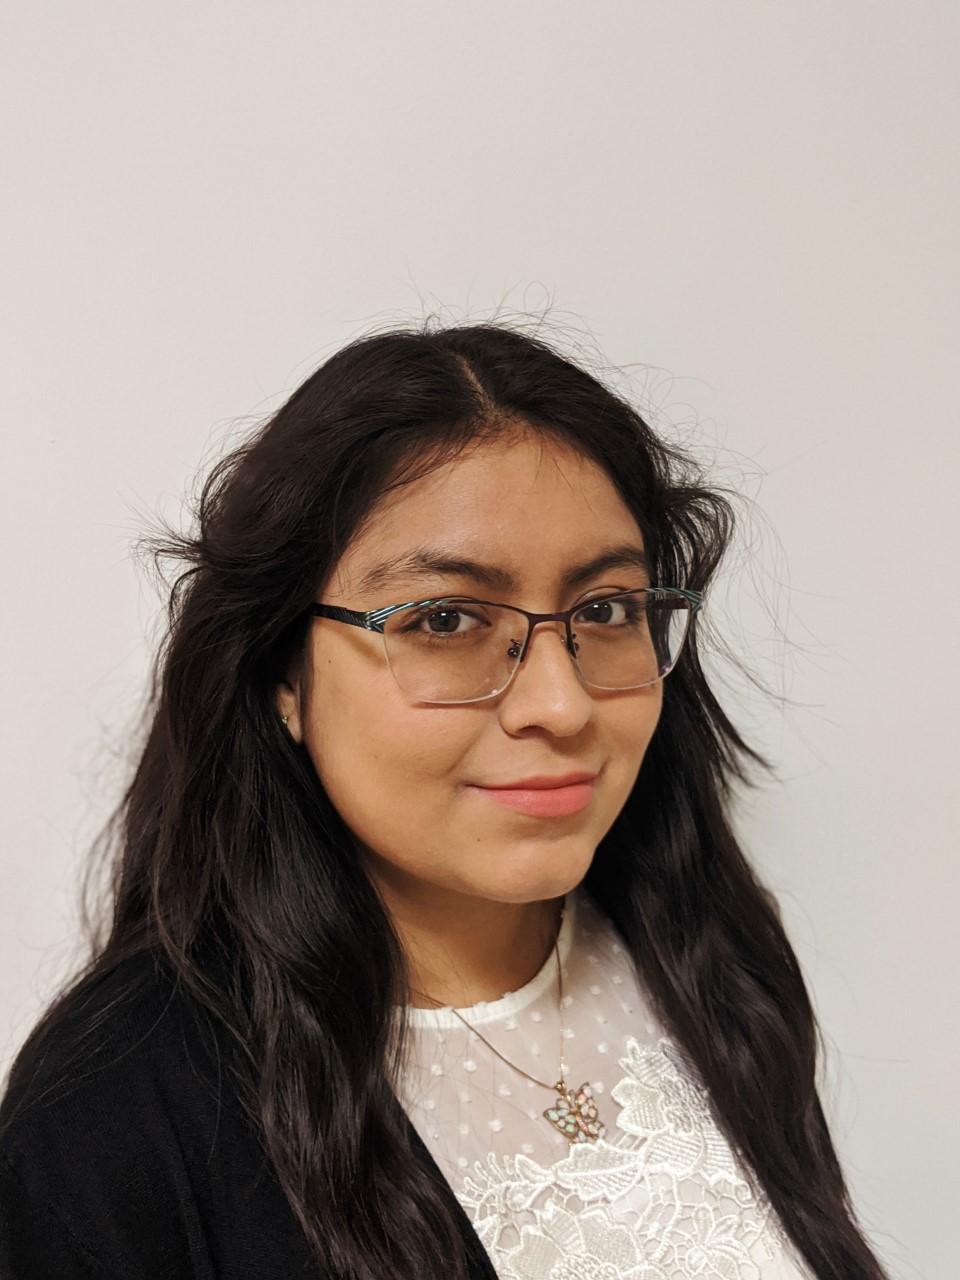 Ammy Rodriguez. Vice President of Marketing. Email Ammy at marketing@alphapsilambda.net